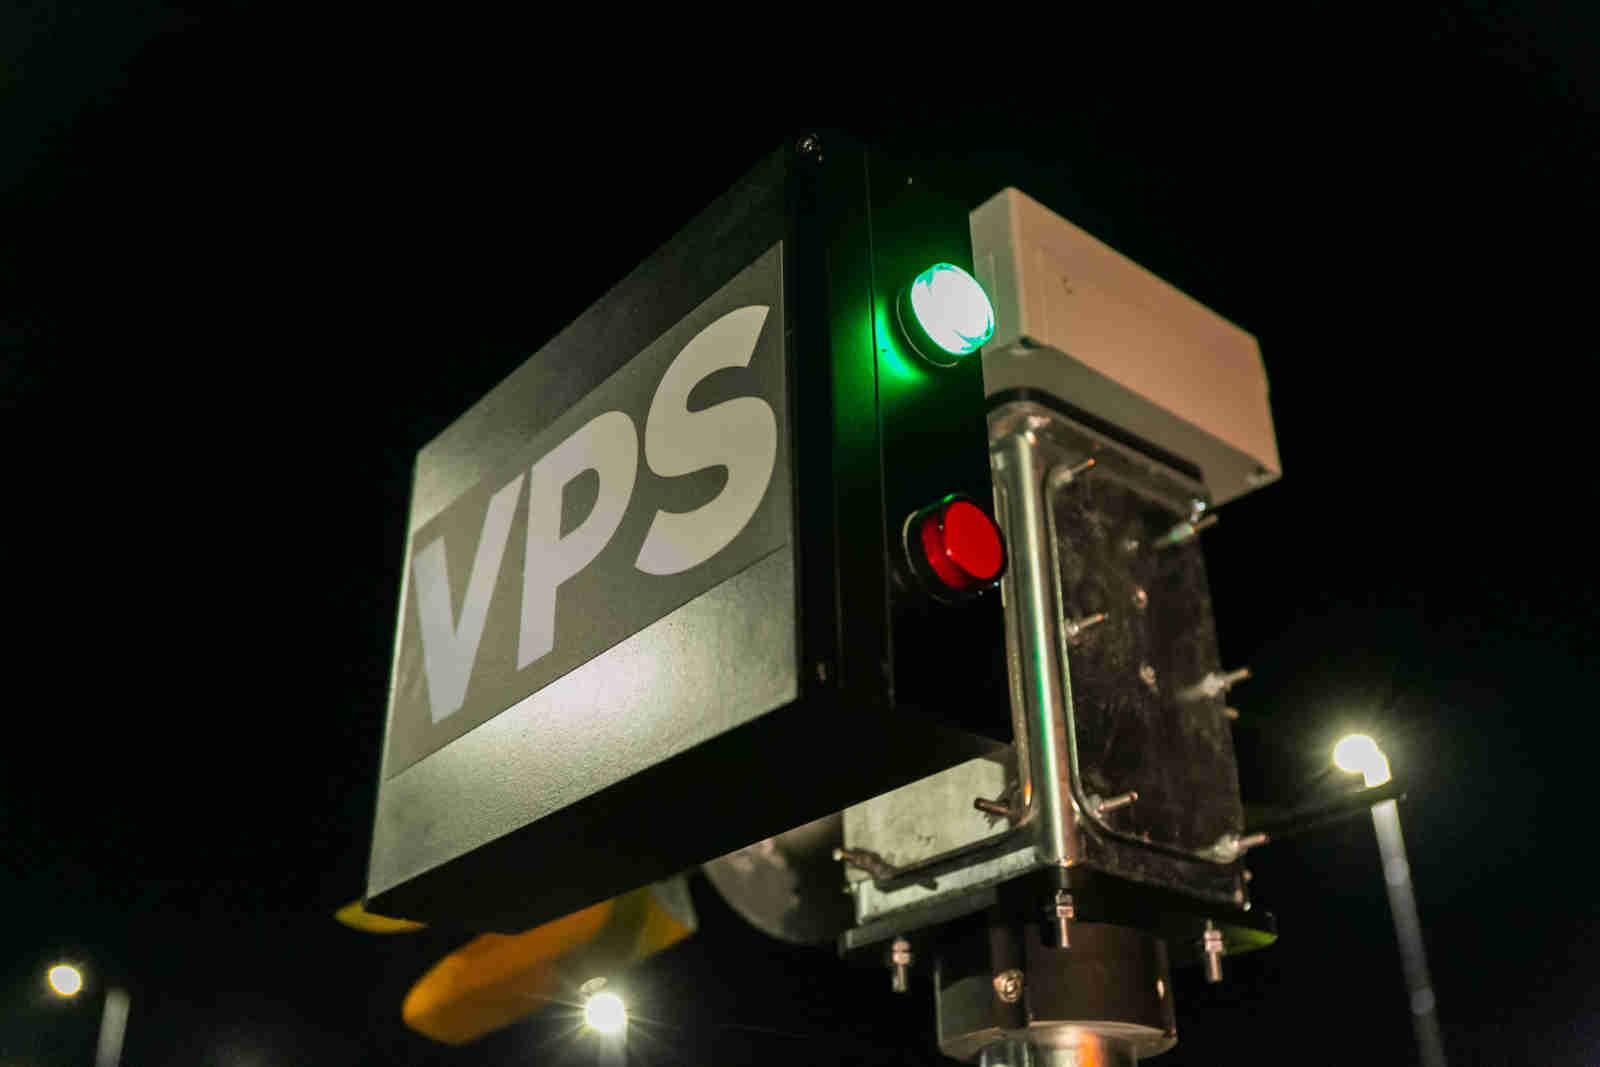 High tech wireless CCTV